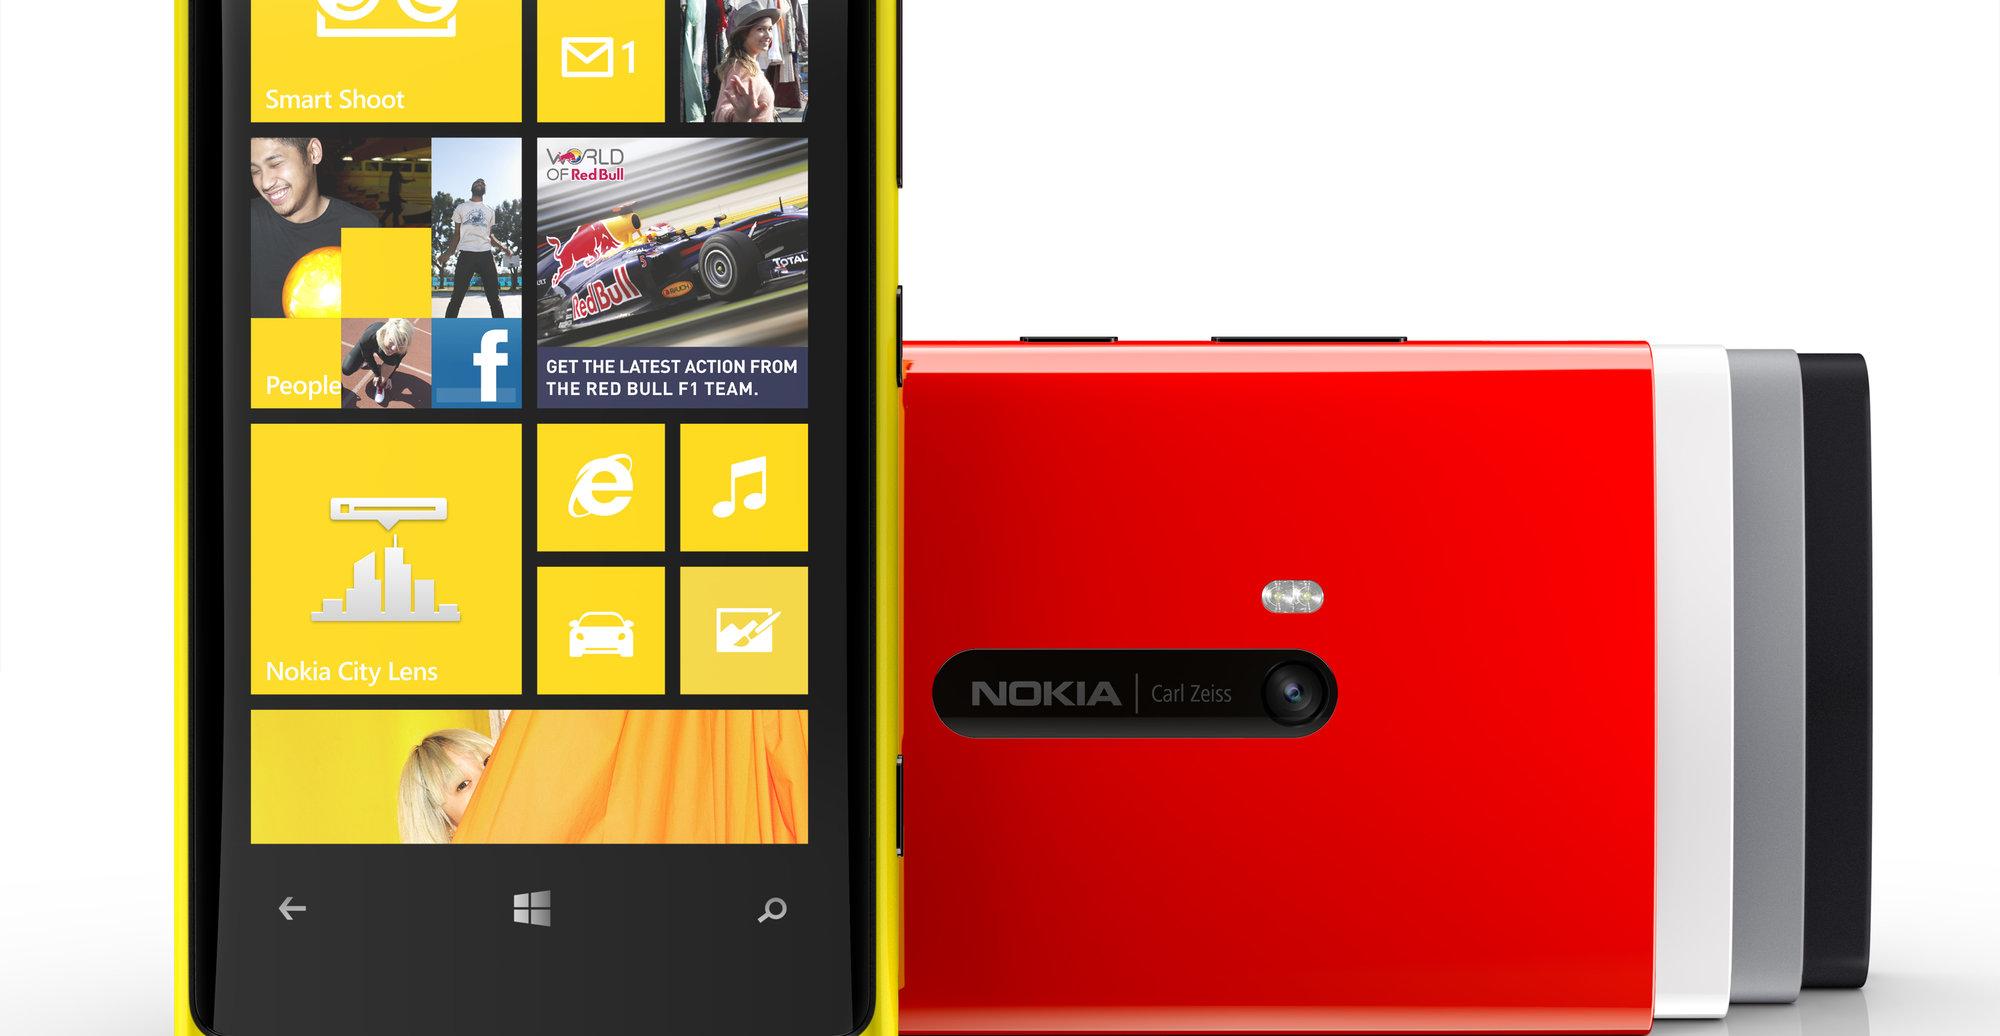 Nokia Lumia 920 selger ikke så verst, men har endel fett å trimme bort.